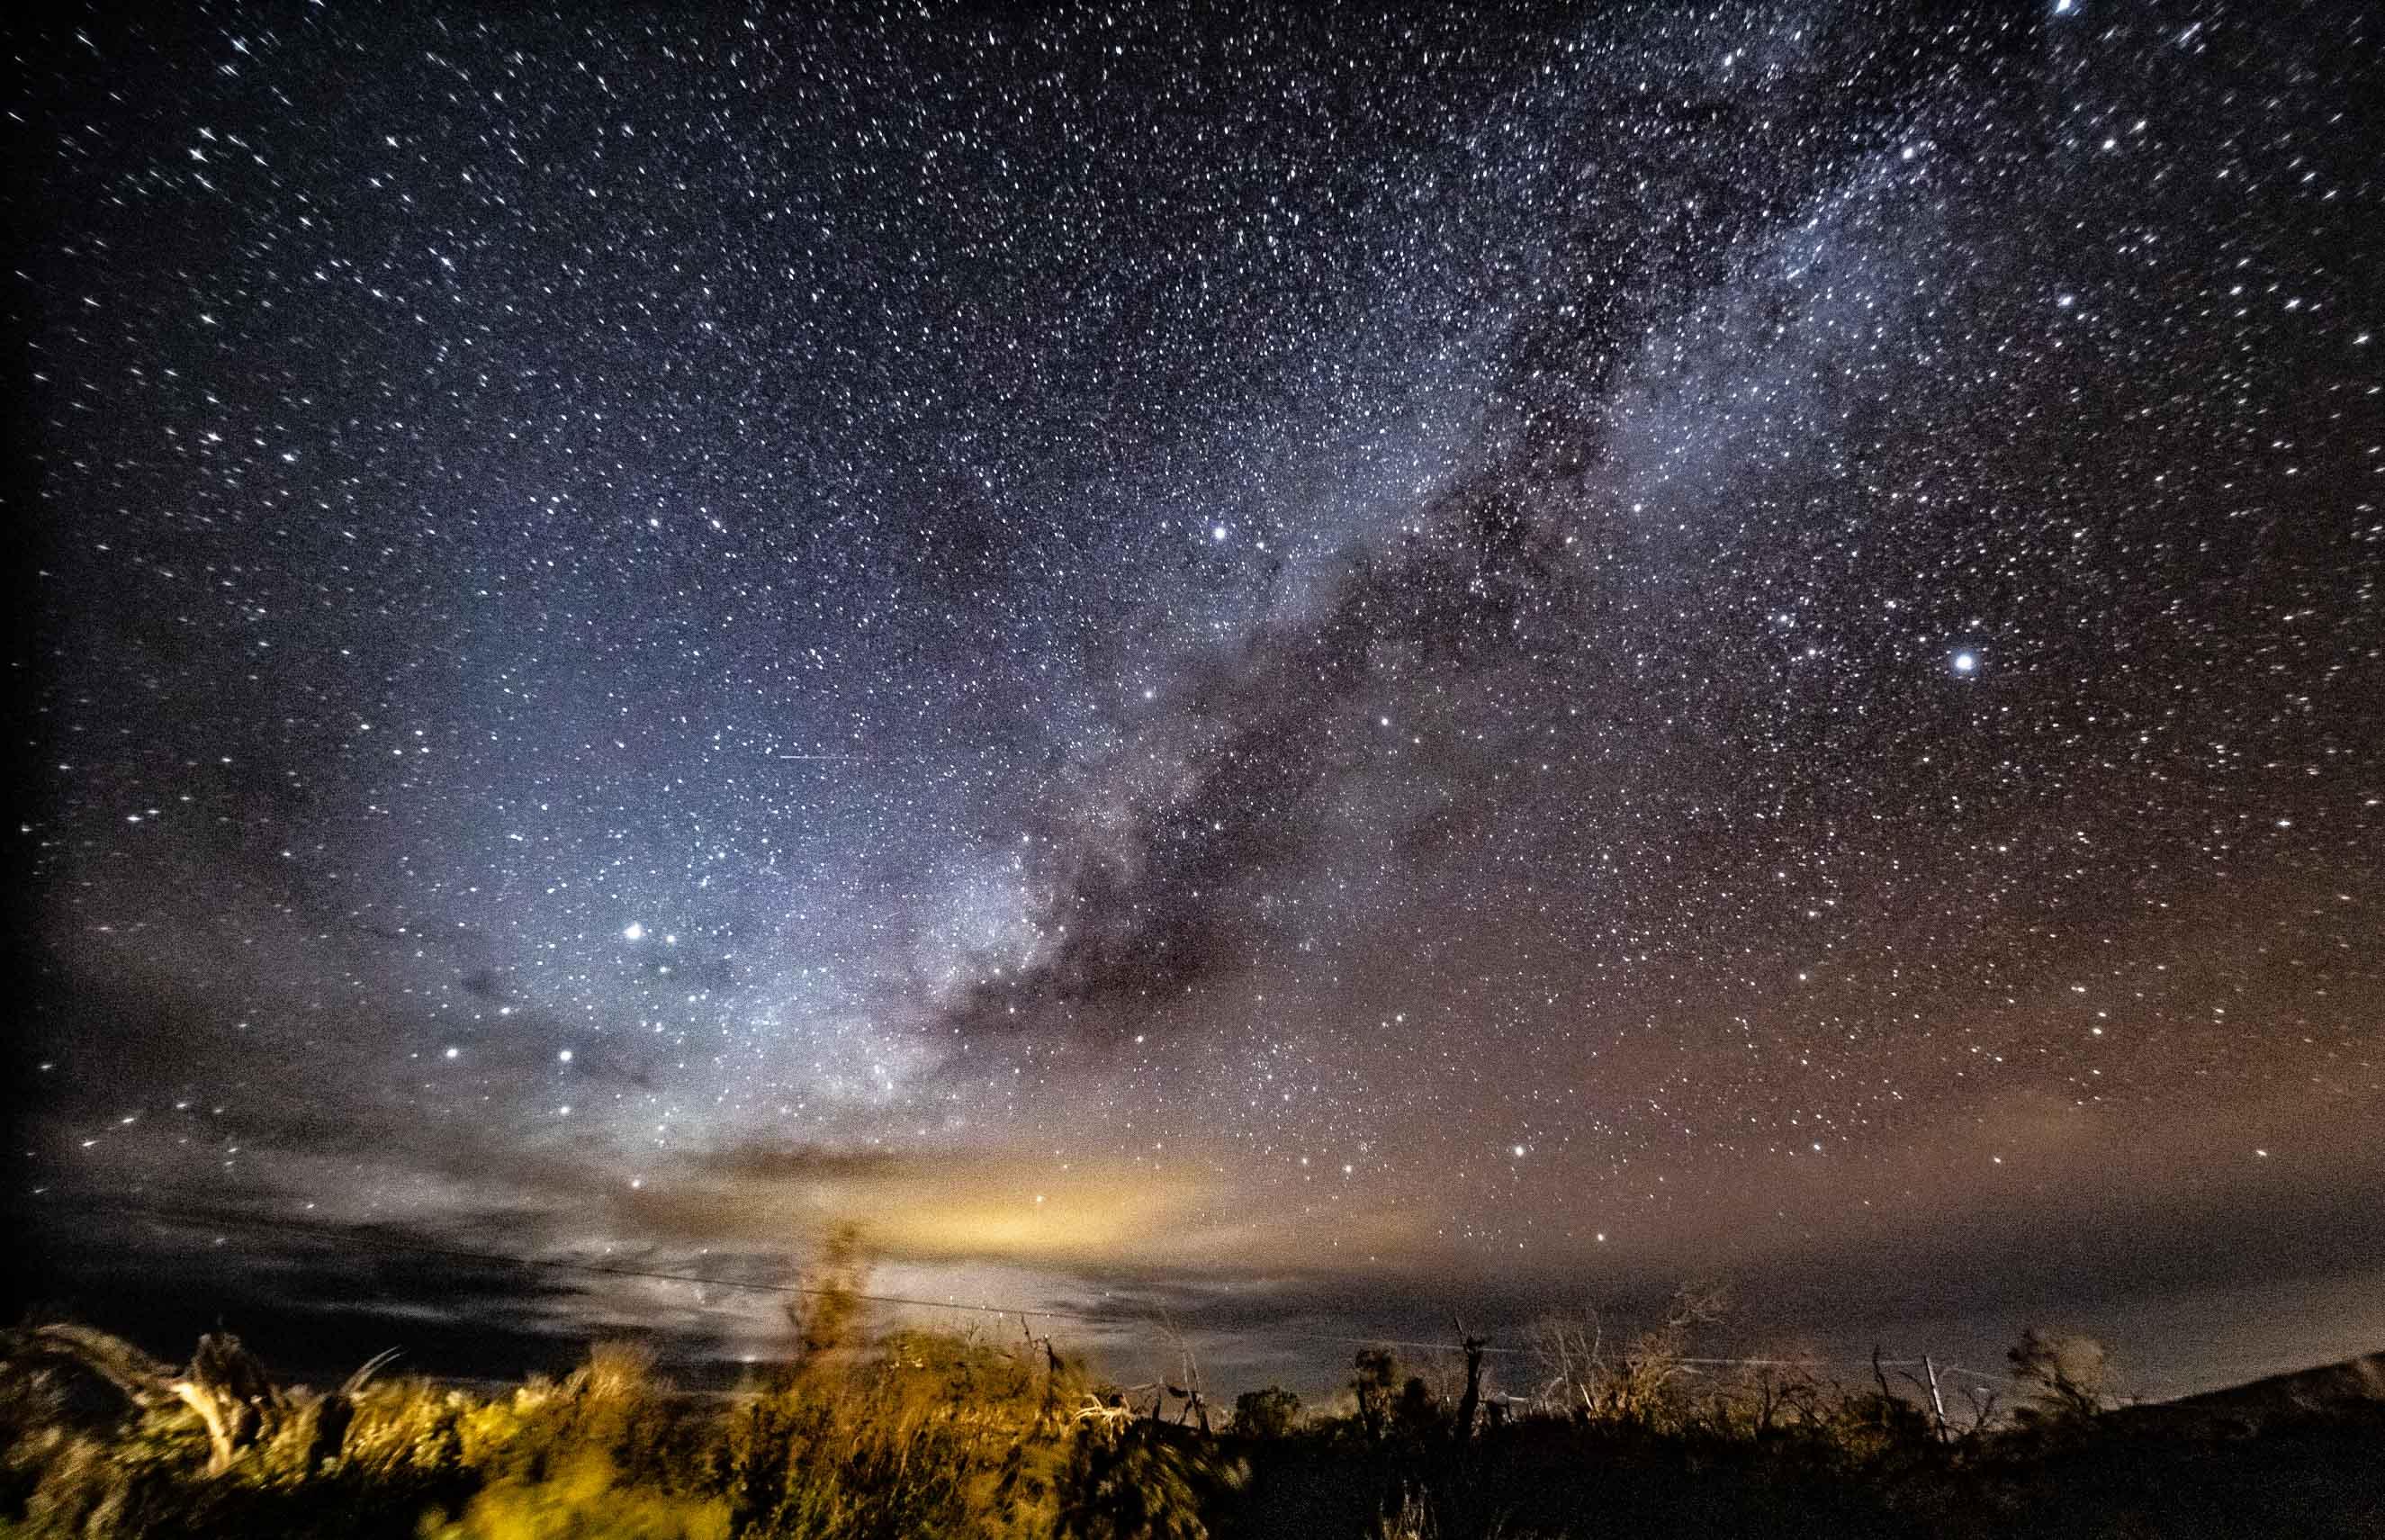 Mauna Kea Star Gazing Night Sky Milky Way EX Big Island